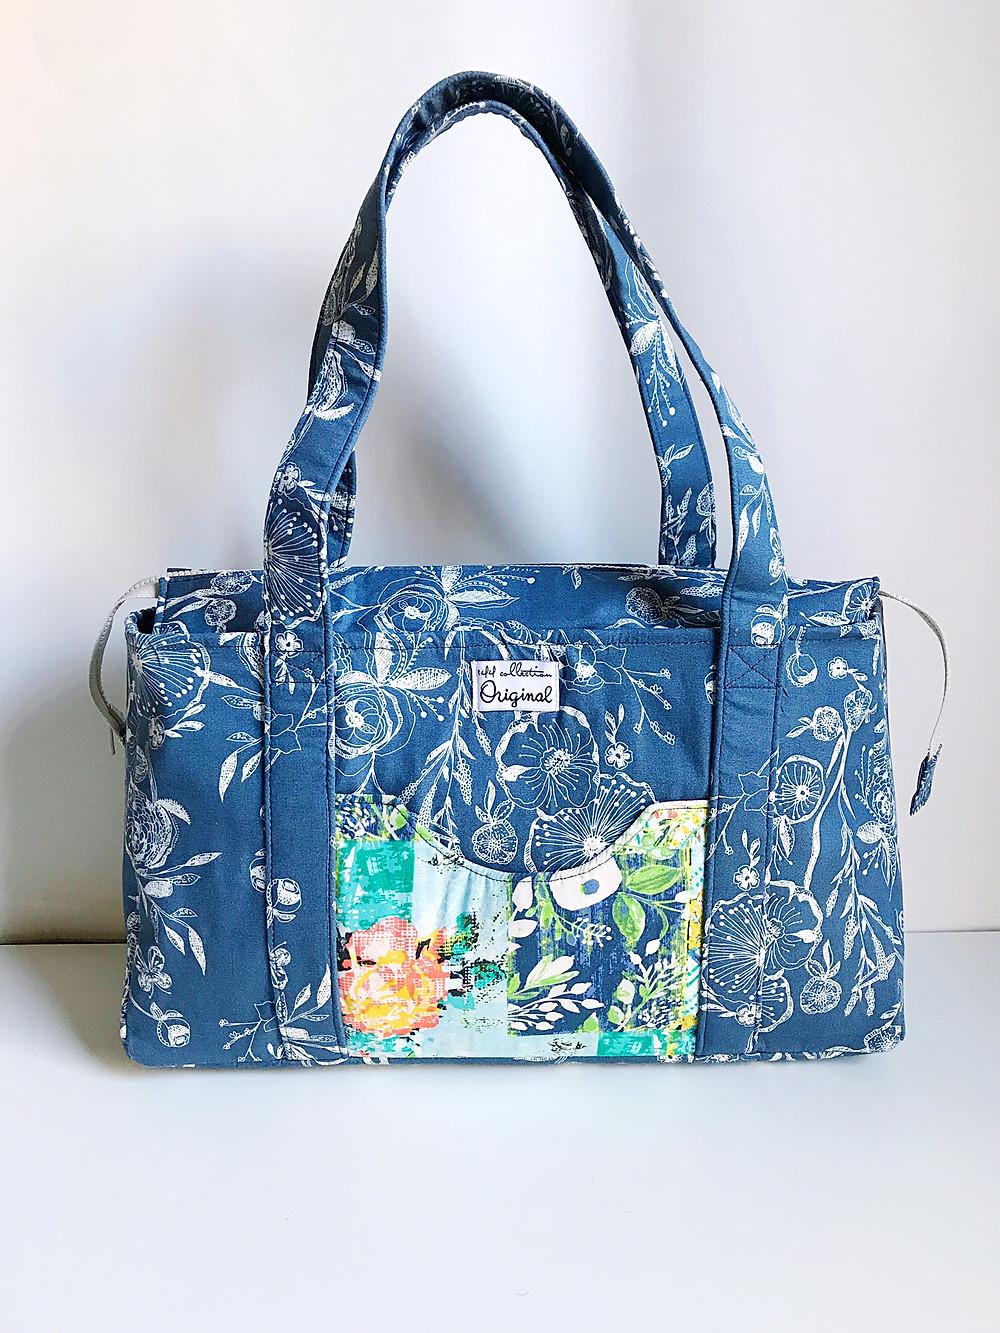 Handmade Handbag – Blue Floral Pattern